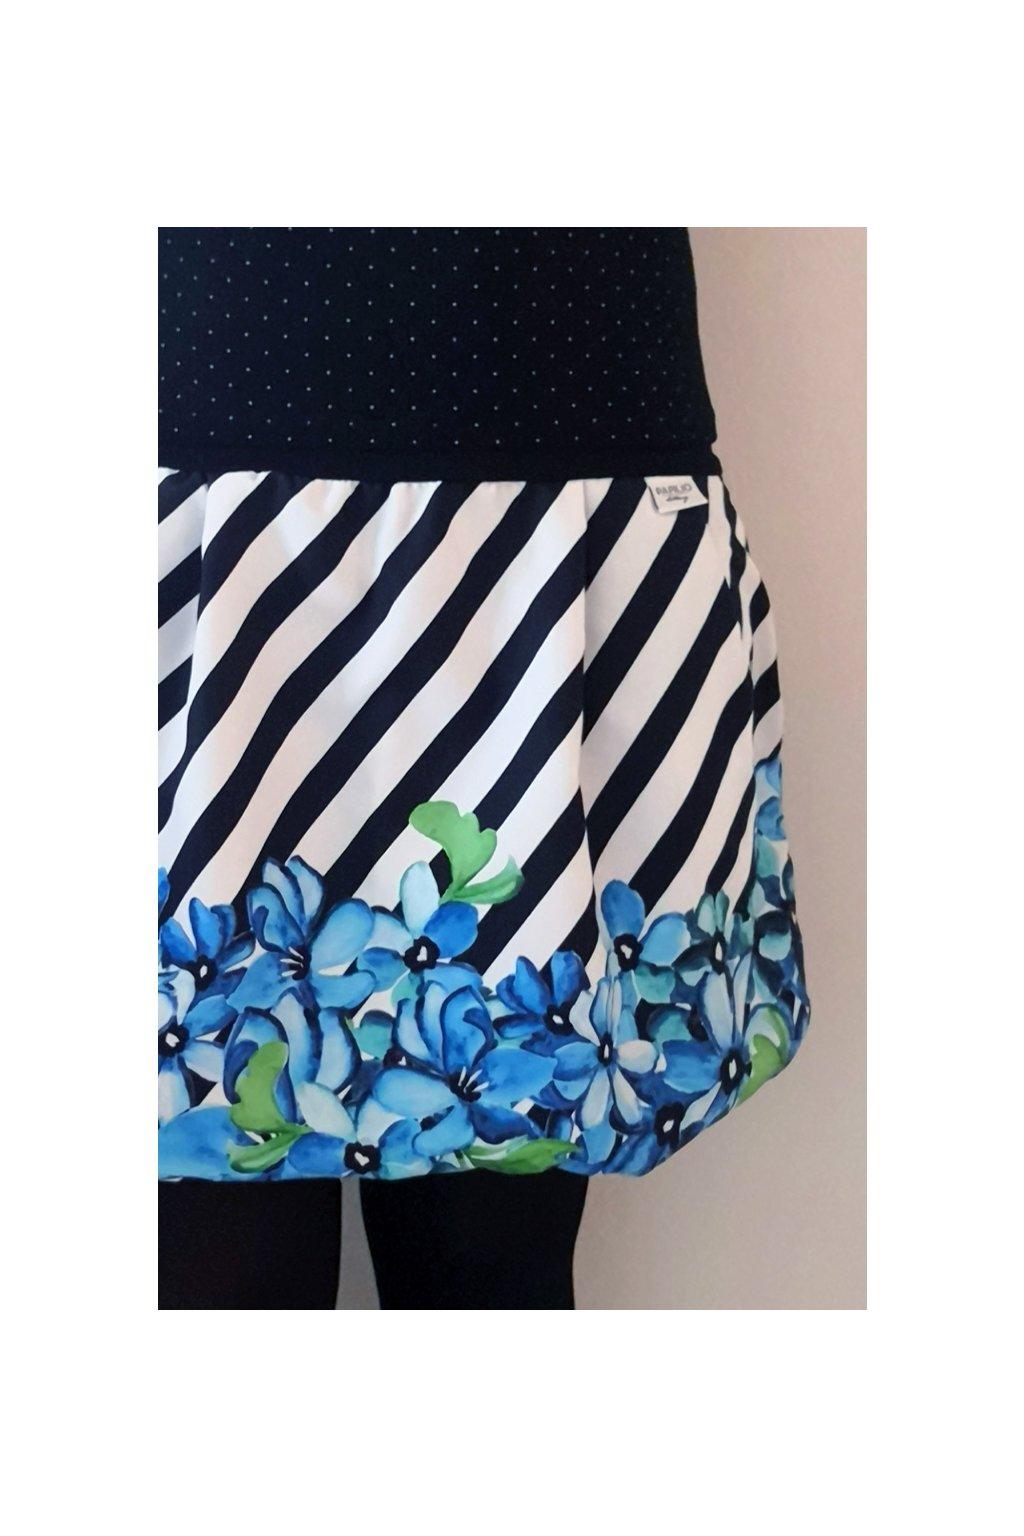 Balonová sukně Fialky na pruhu - černobílý | micropeach